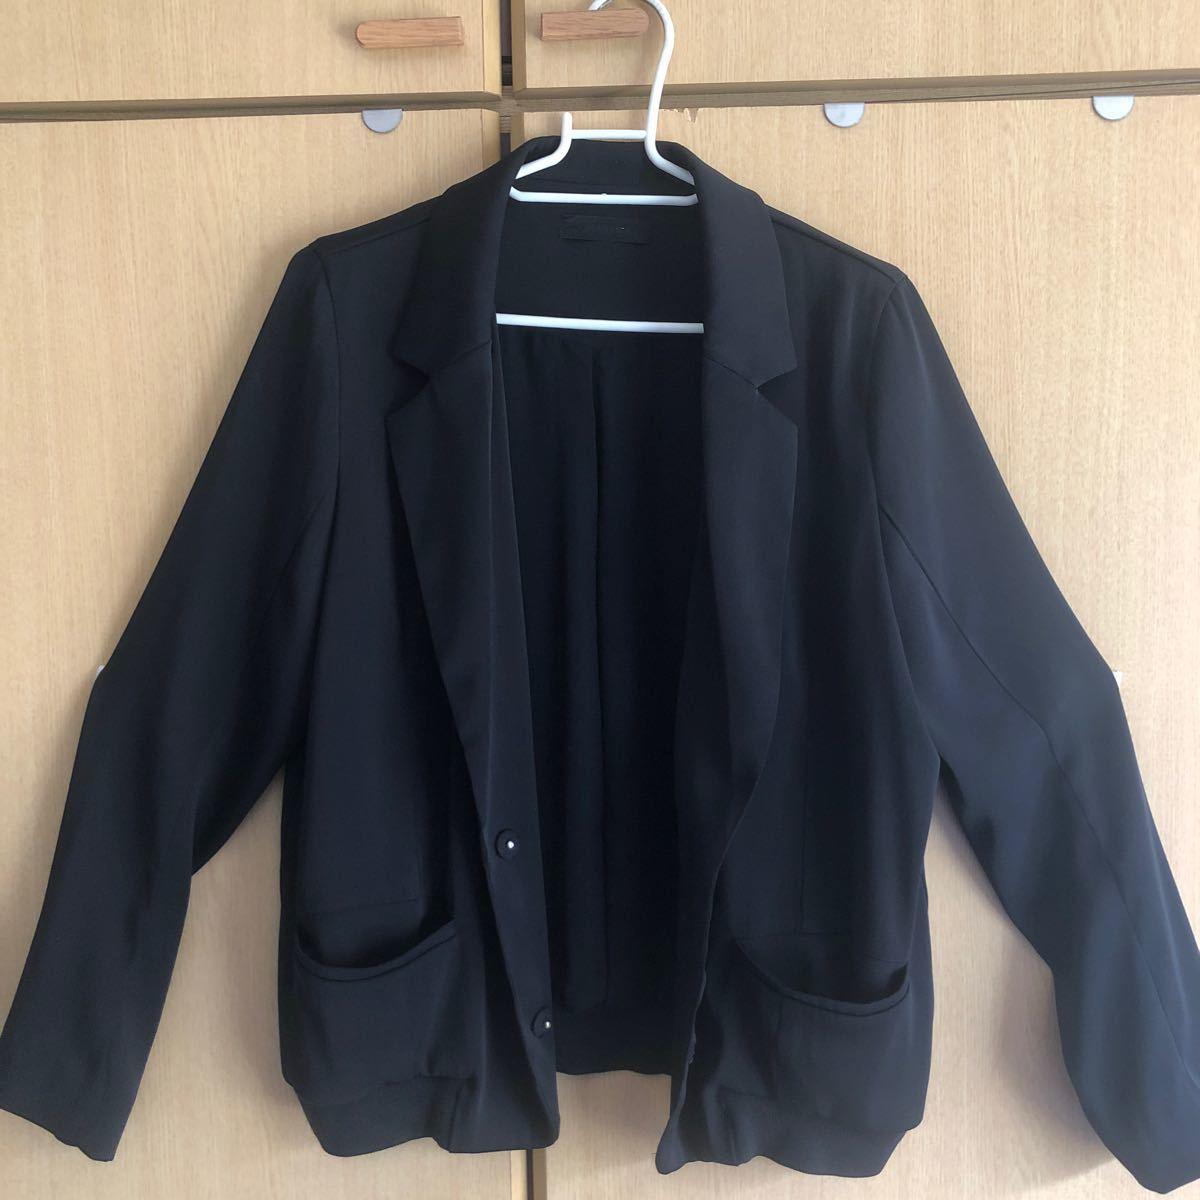 【値下】ジャケット 、テーラードジャケット、